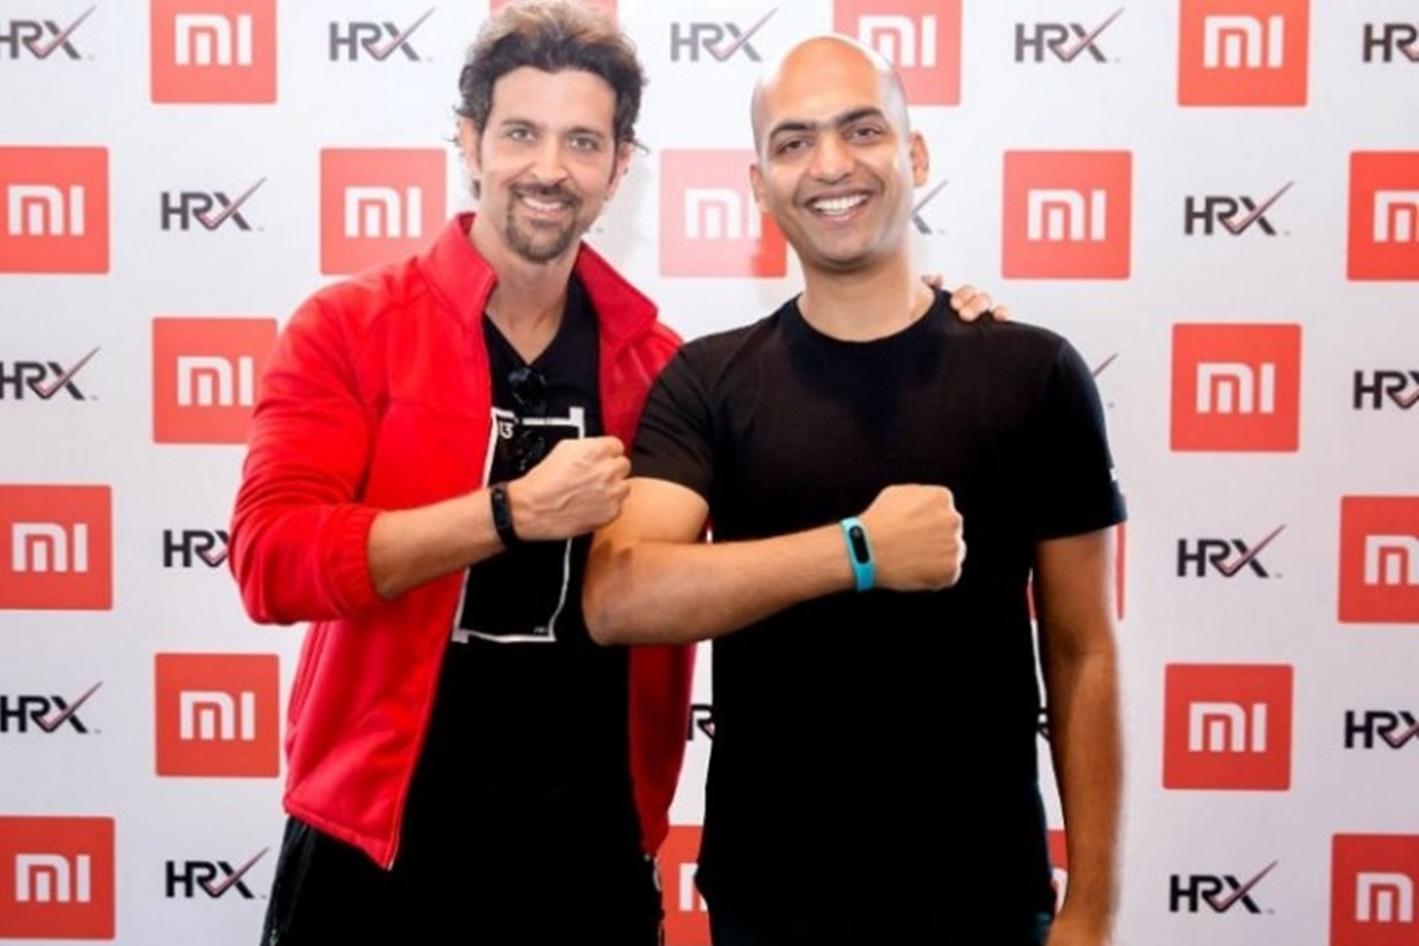 Imagem de Xiaomi lança Mi Band HRX Edition por apenas R$ 63 na Índia no tecmundo